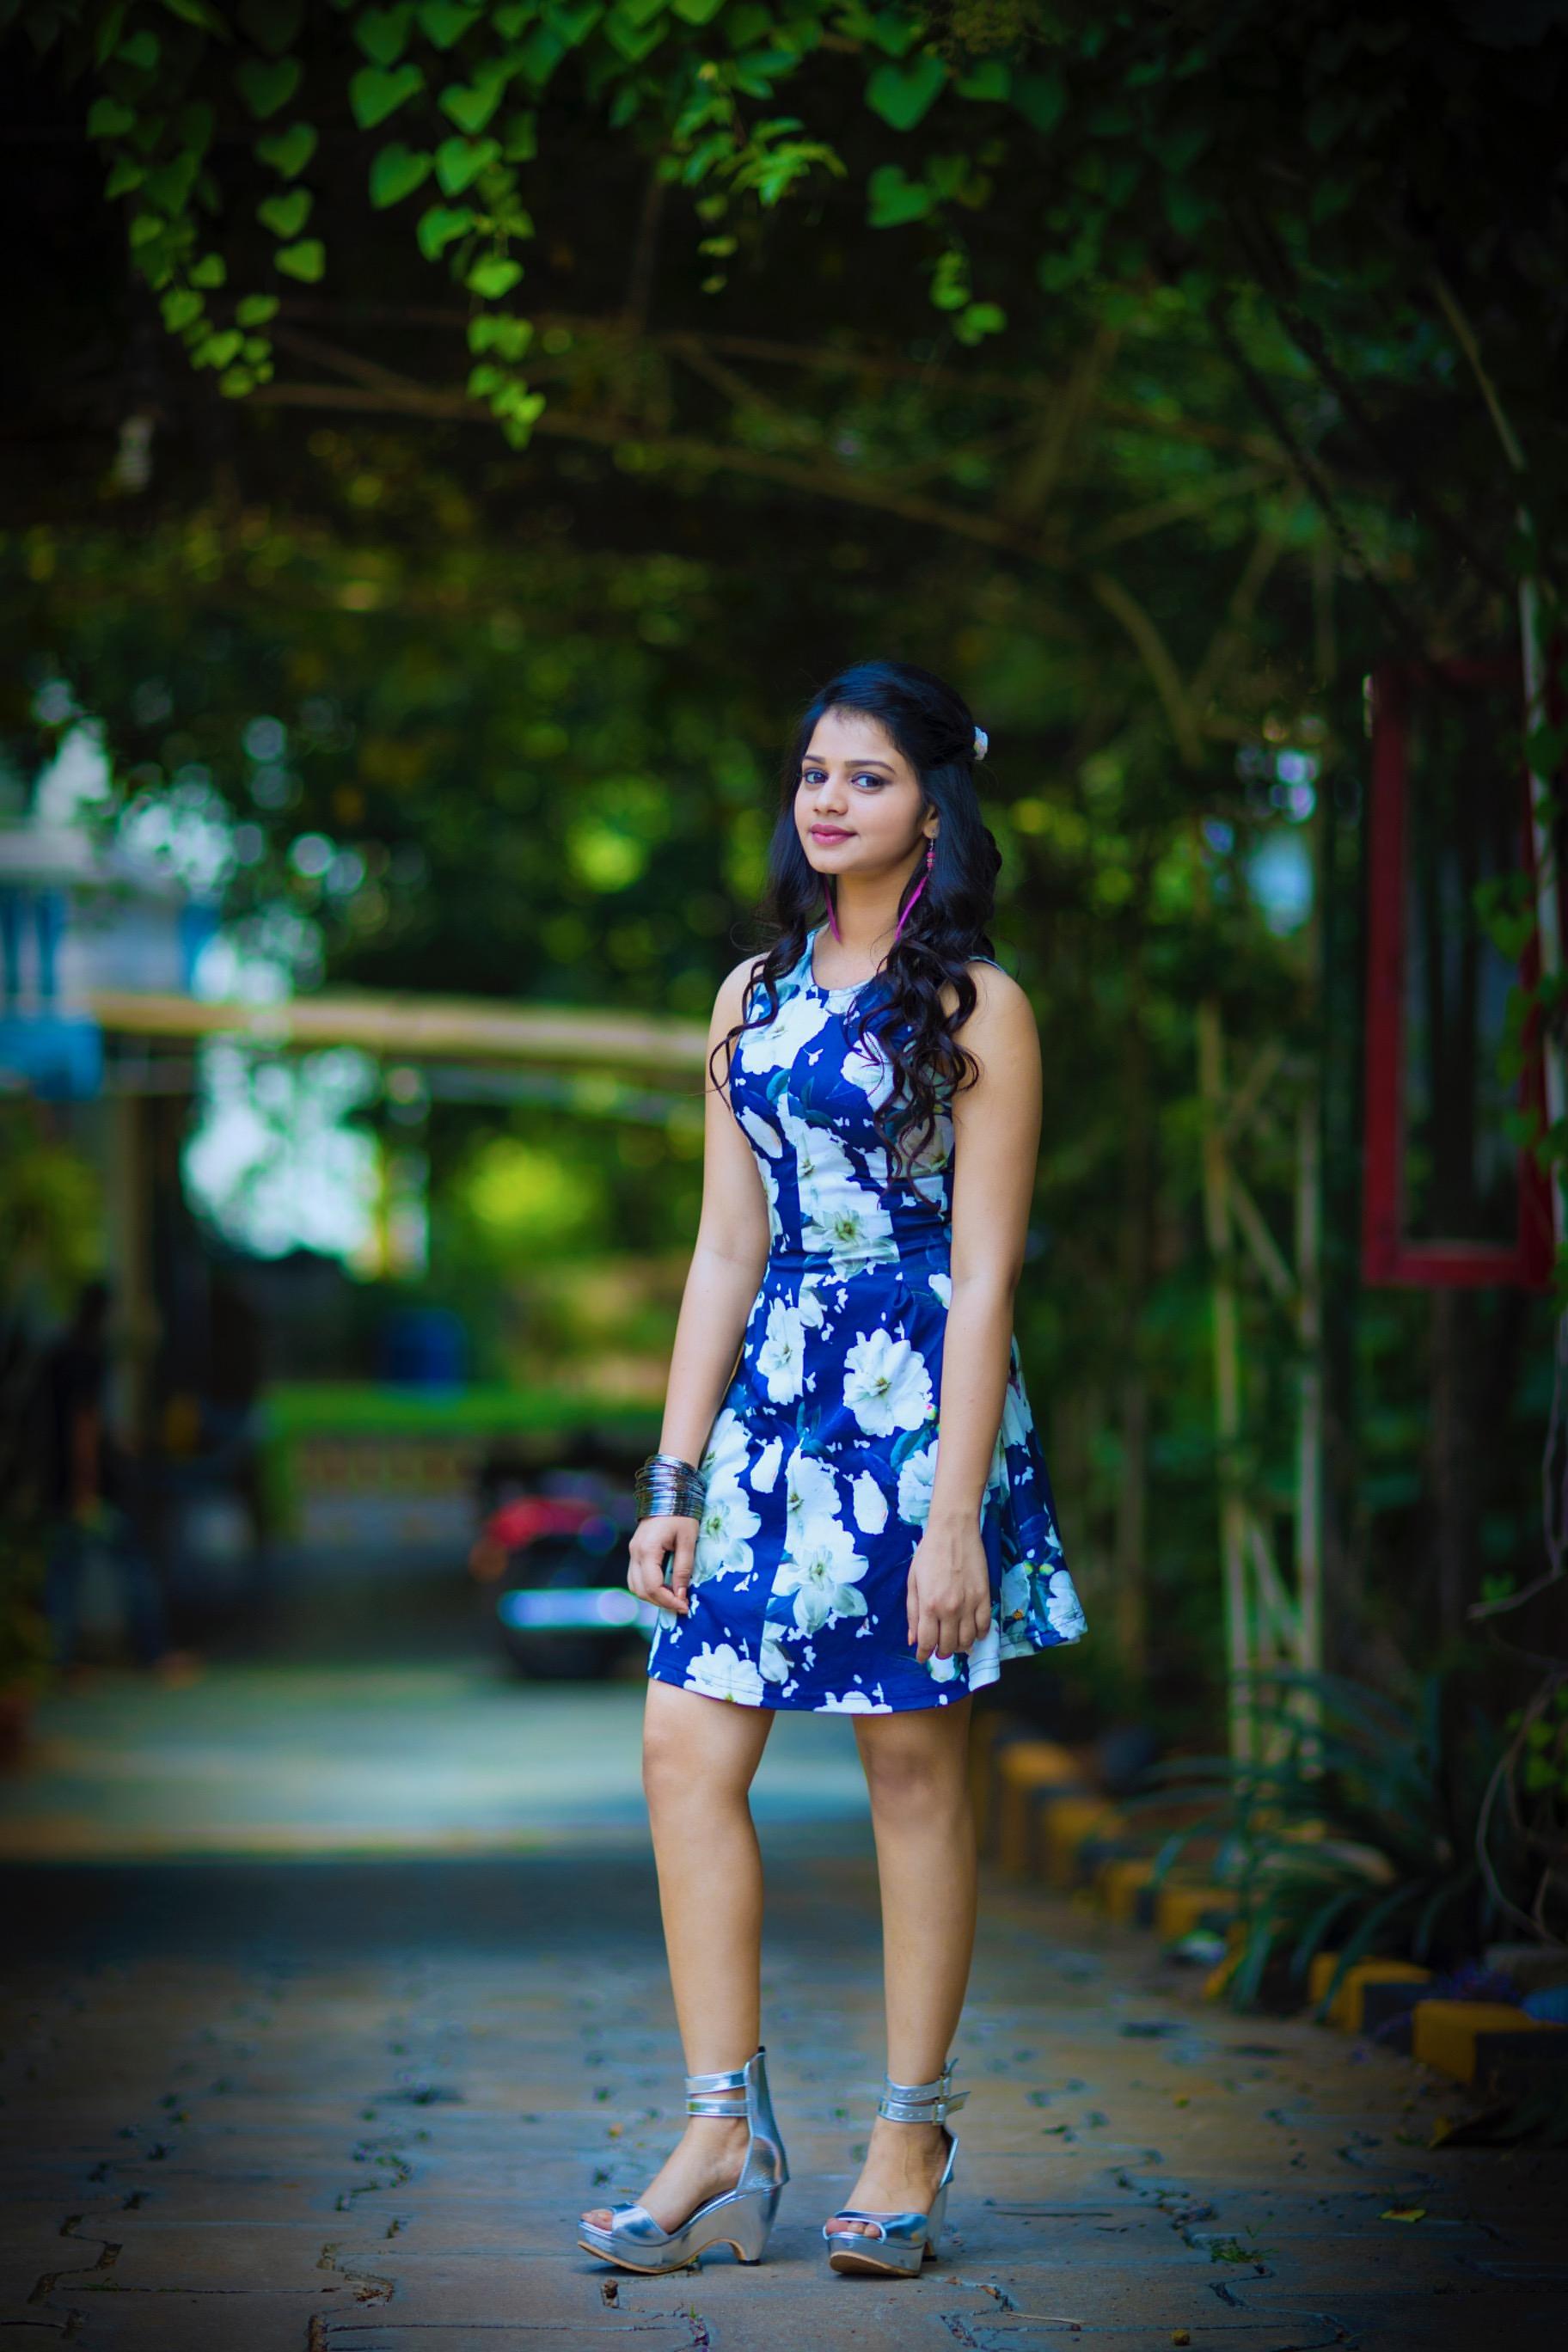 நடிகை ஹீரோஷினி கோமலியின் லேட்டஸ்ட் போட்டோஷூட் ஸ்டில்ஸ்..!